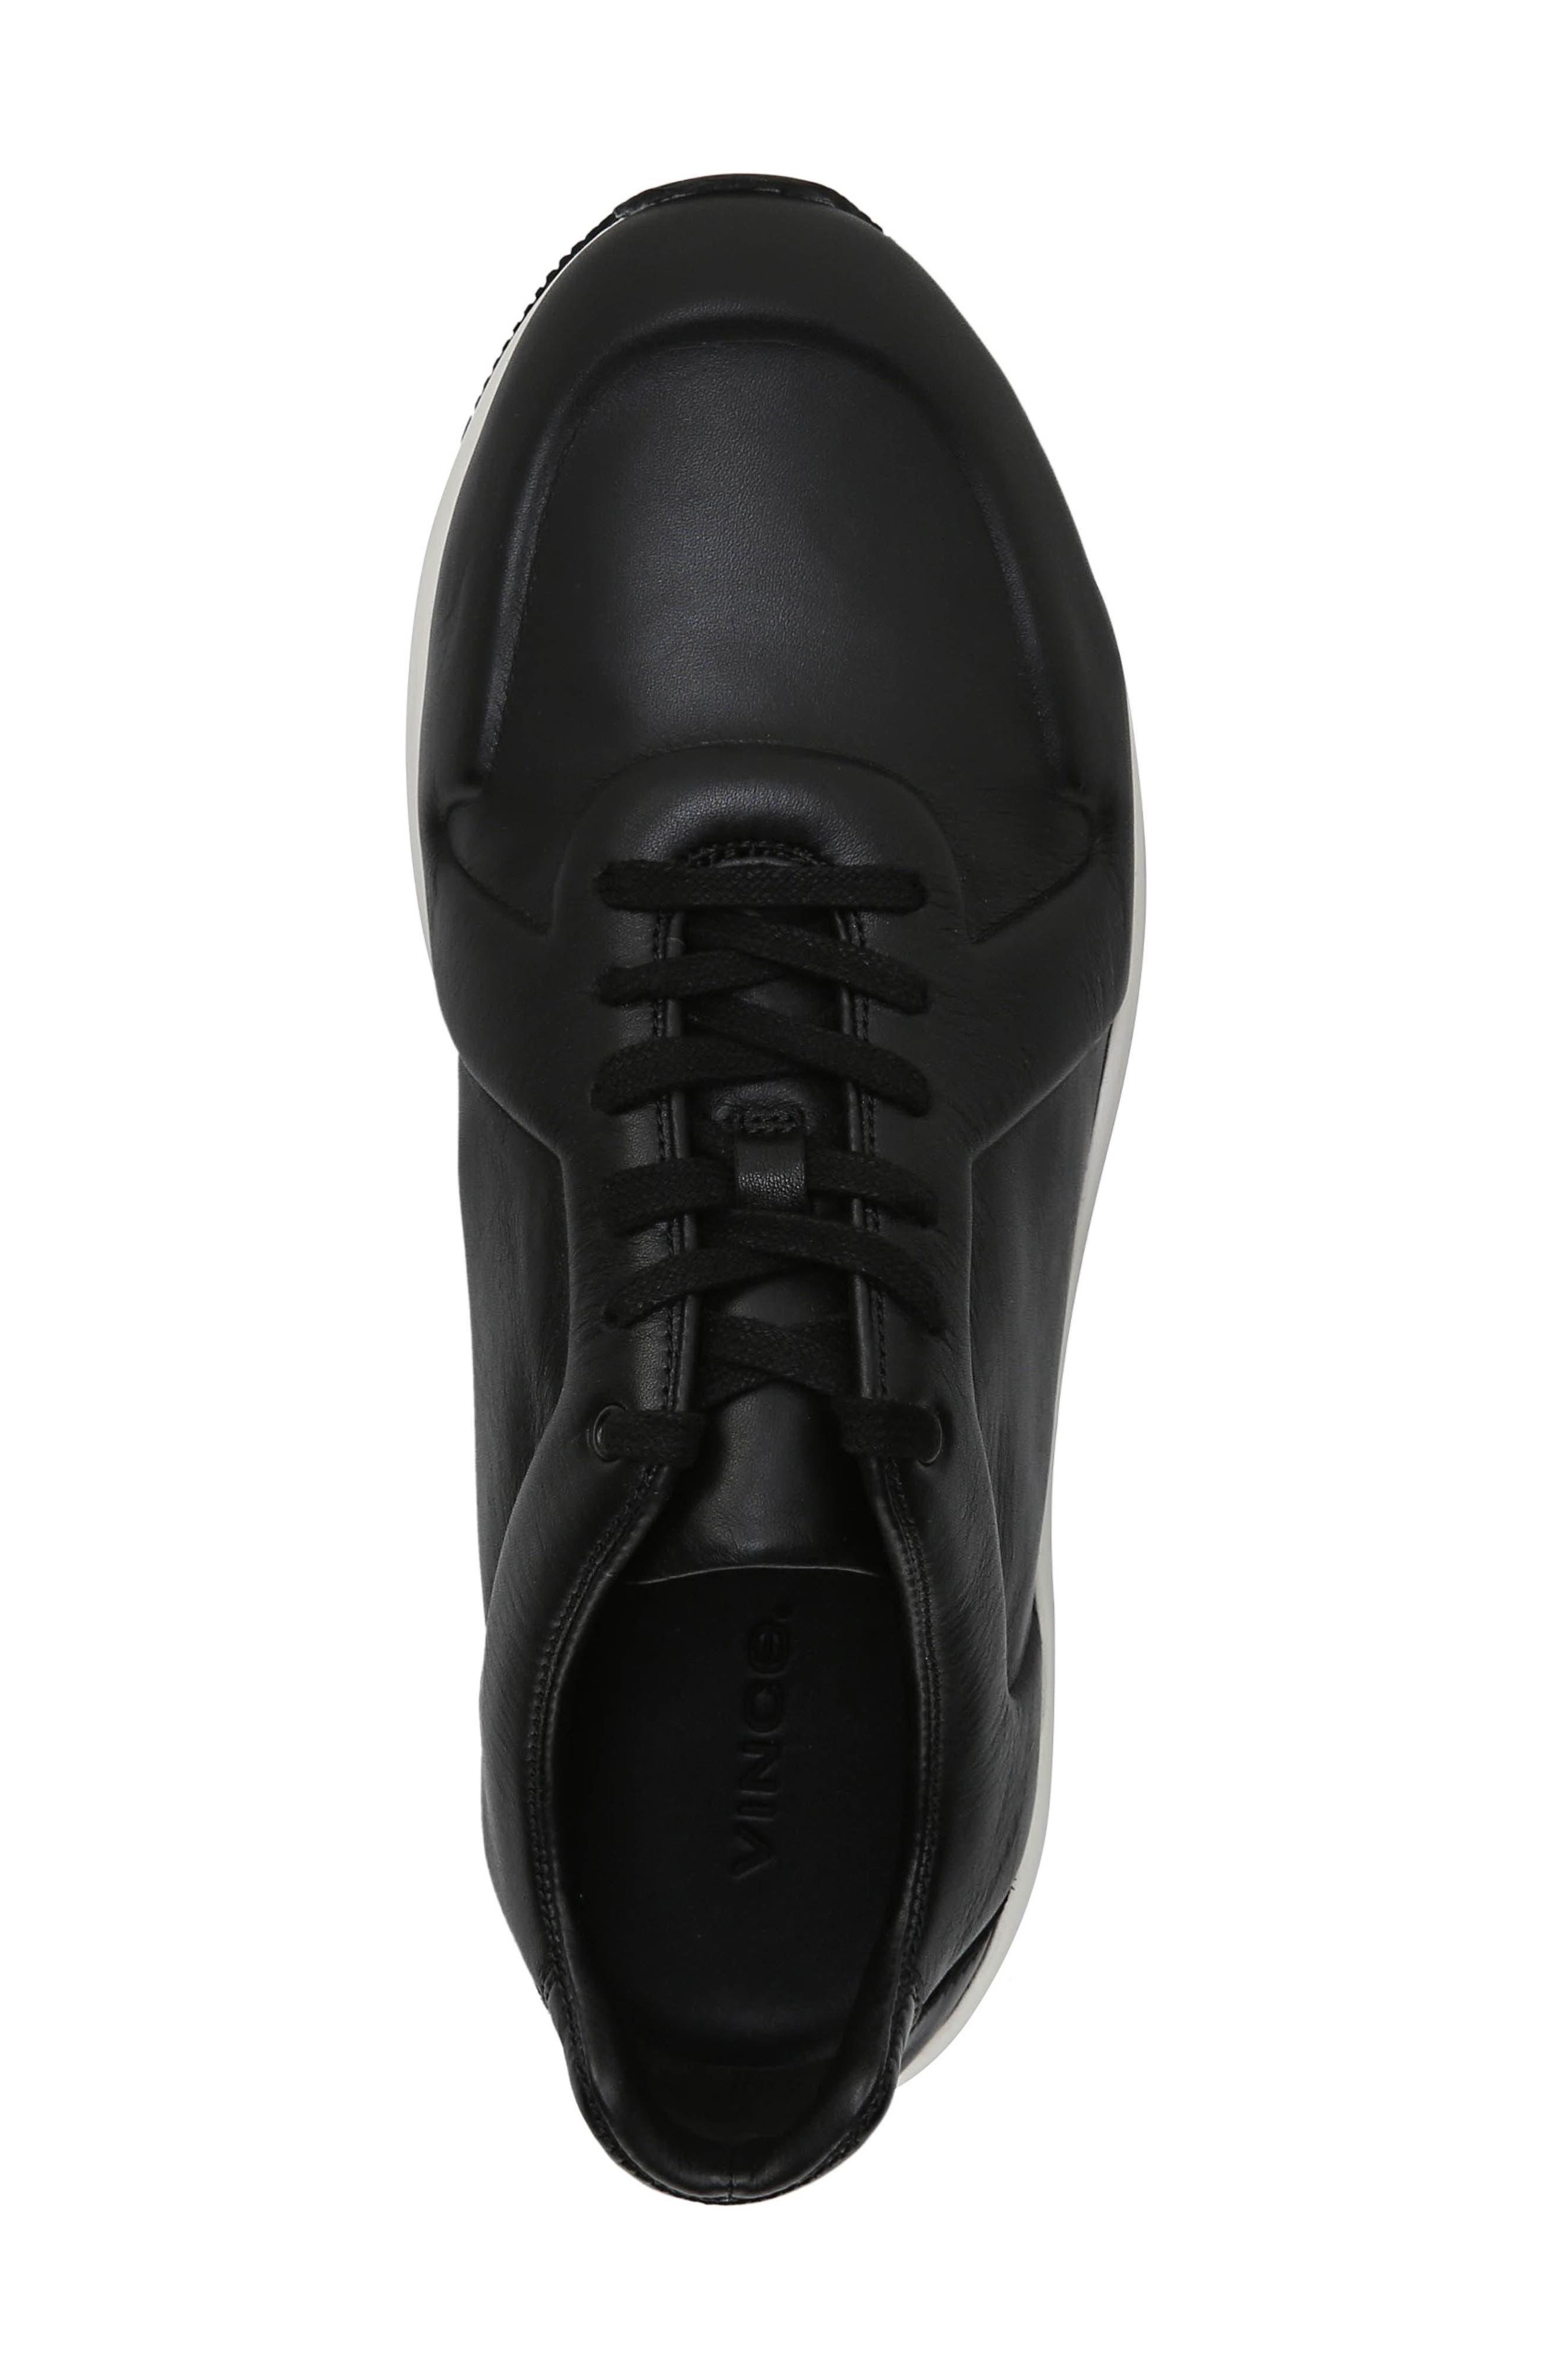 Garrett Sneaker,                             Alternate thumbnail 5, color,                             BLACK/ BLACK